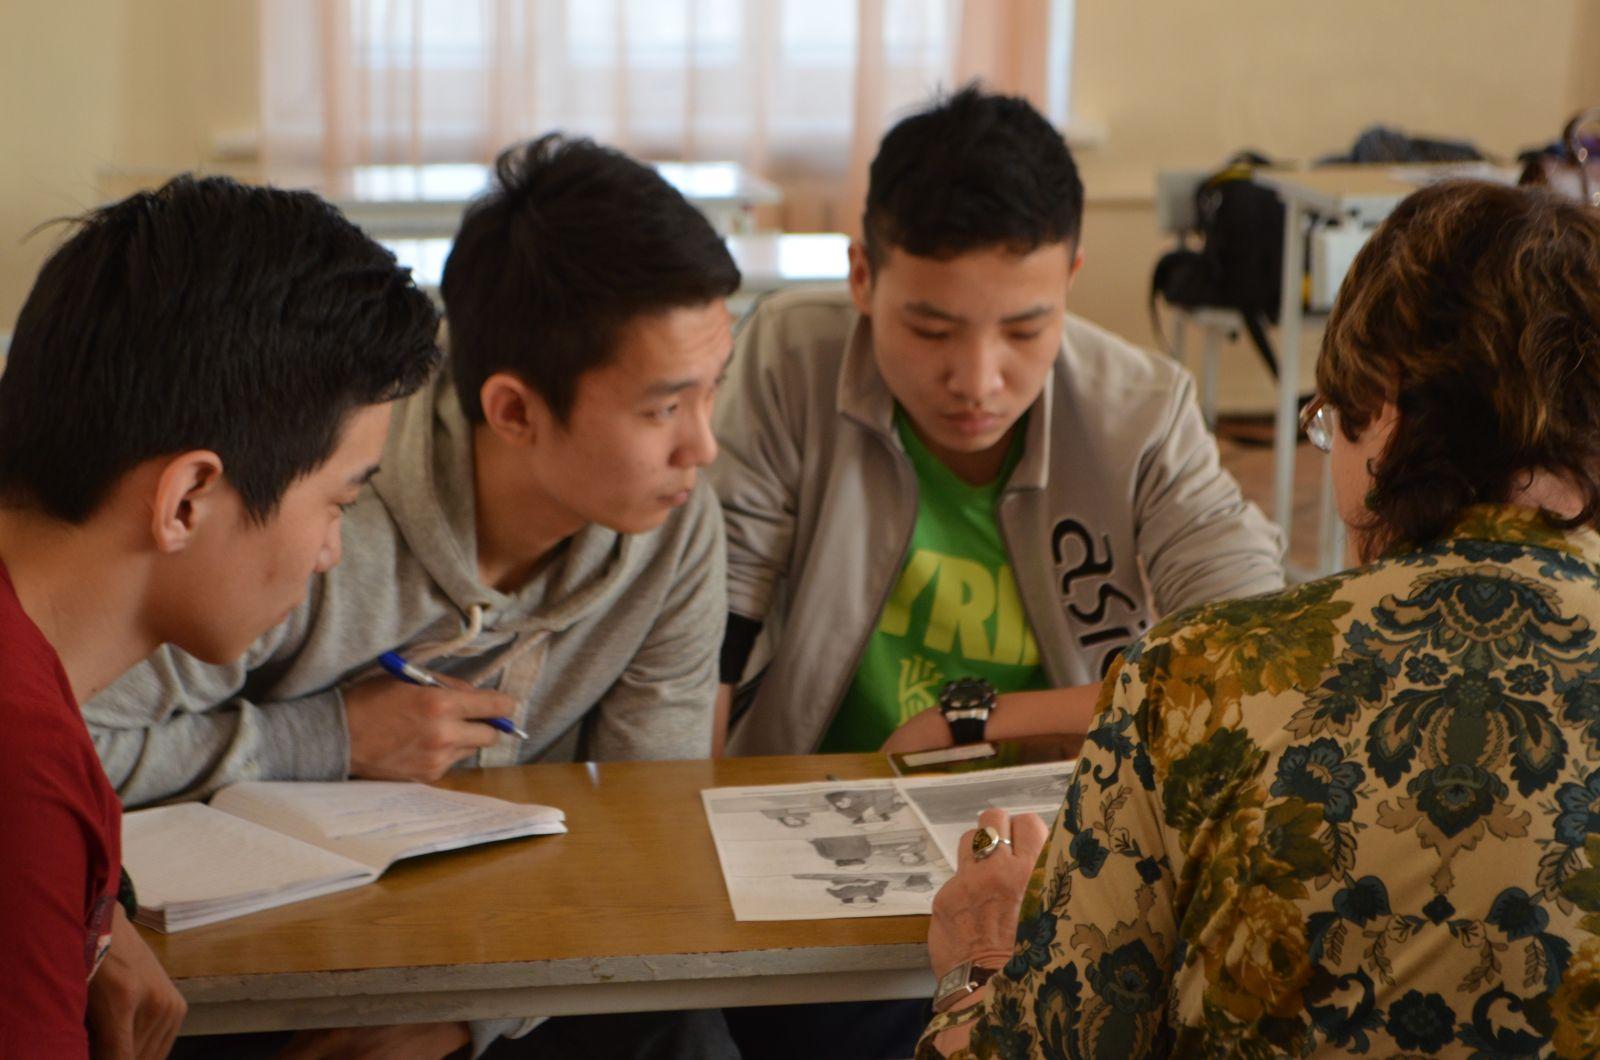 презентация по социальной адаптации подростков в школе